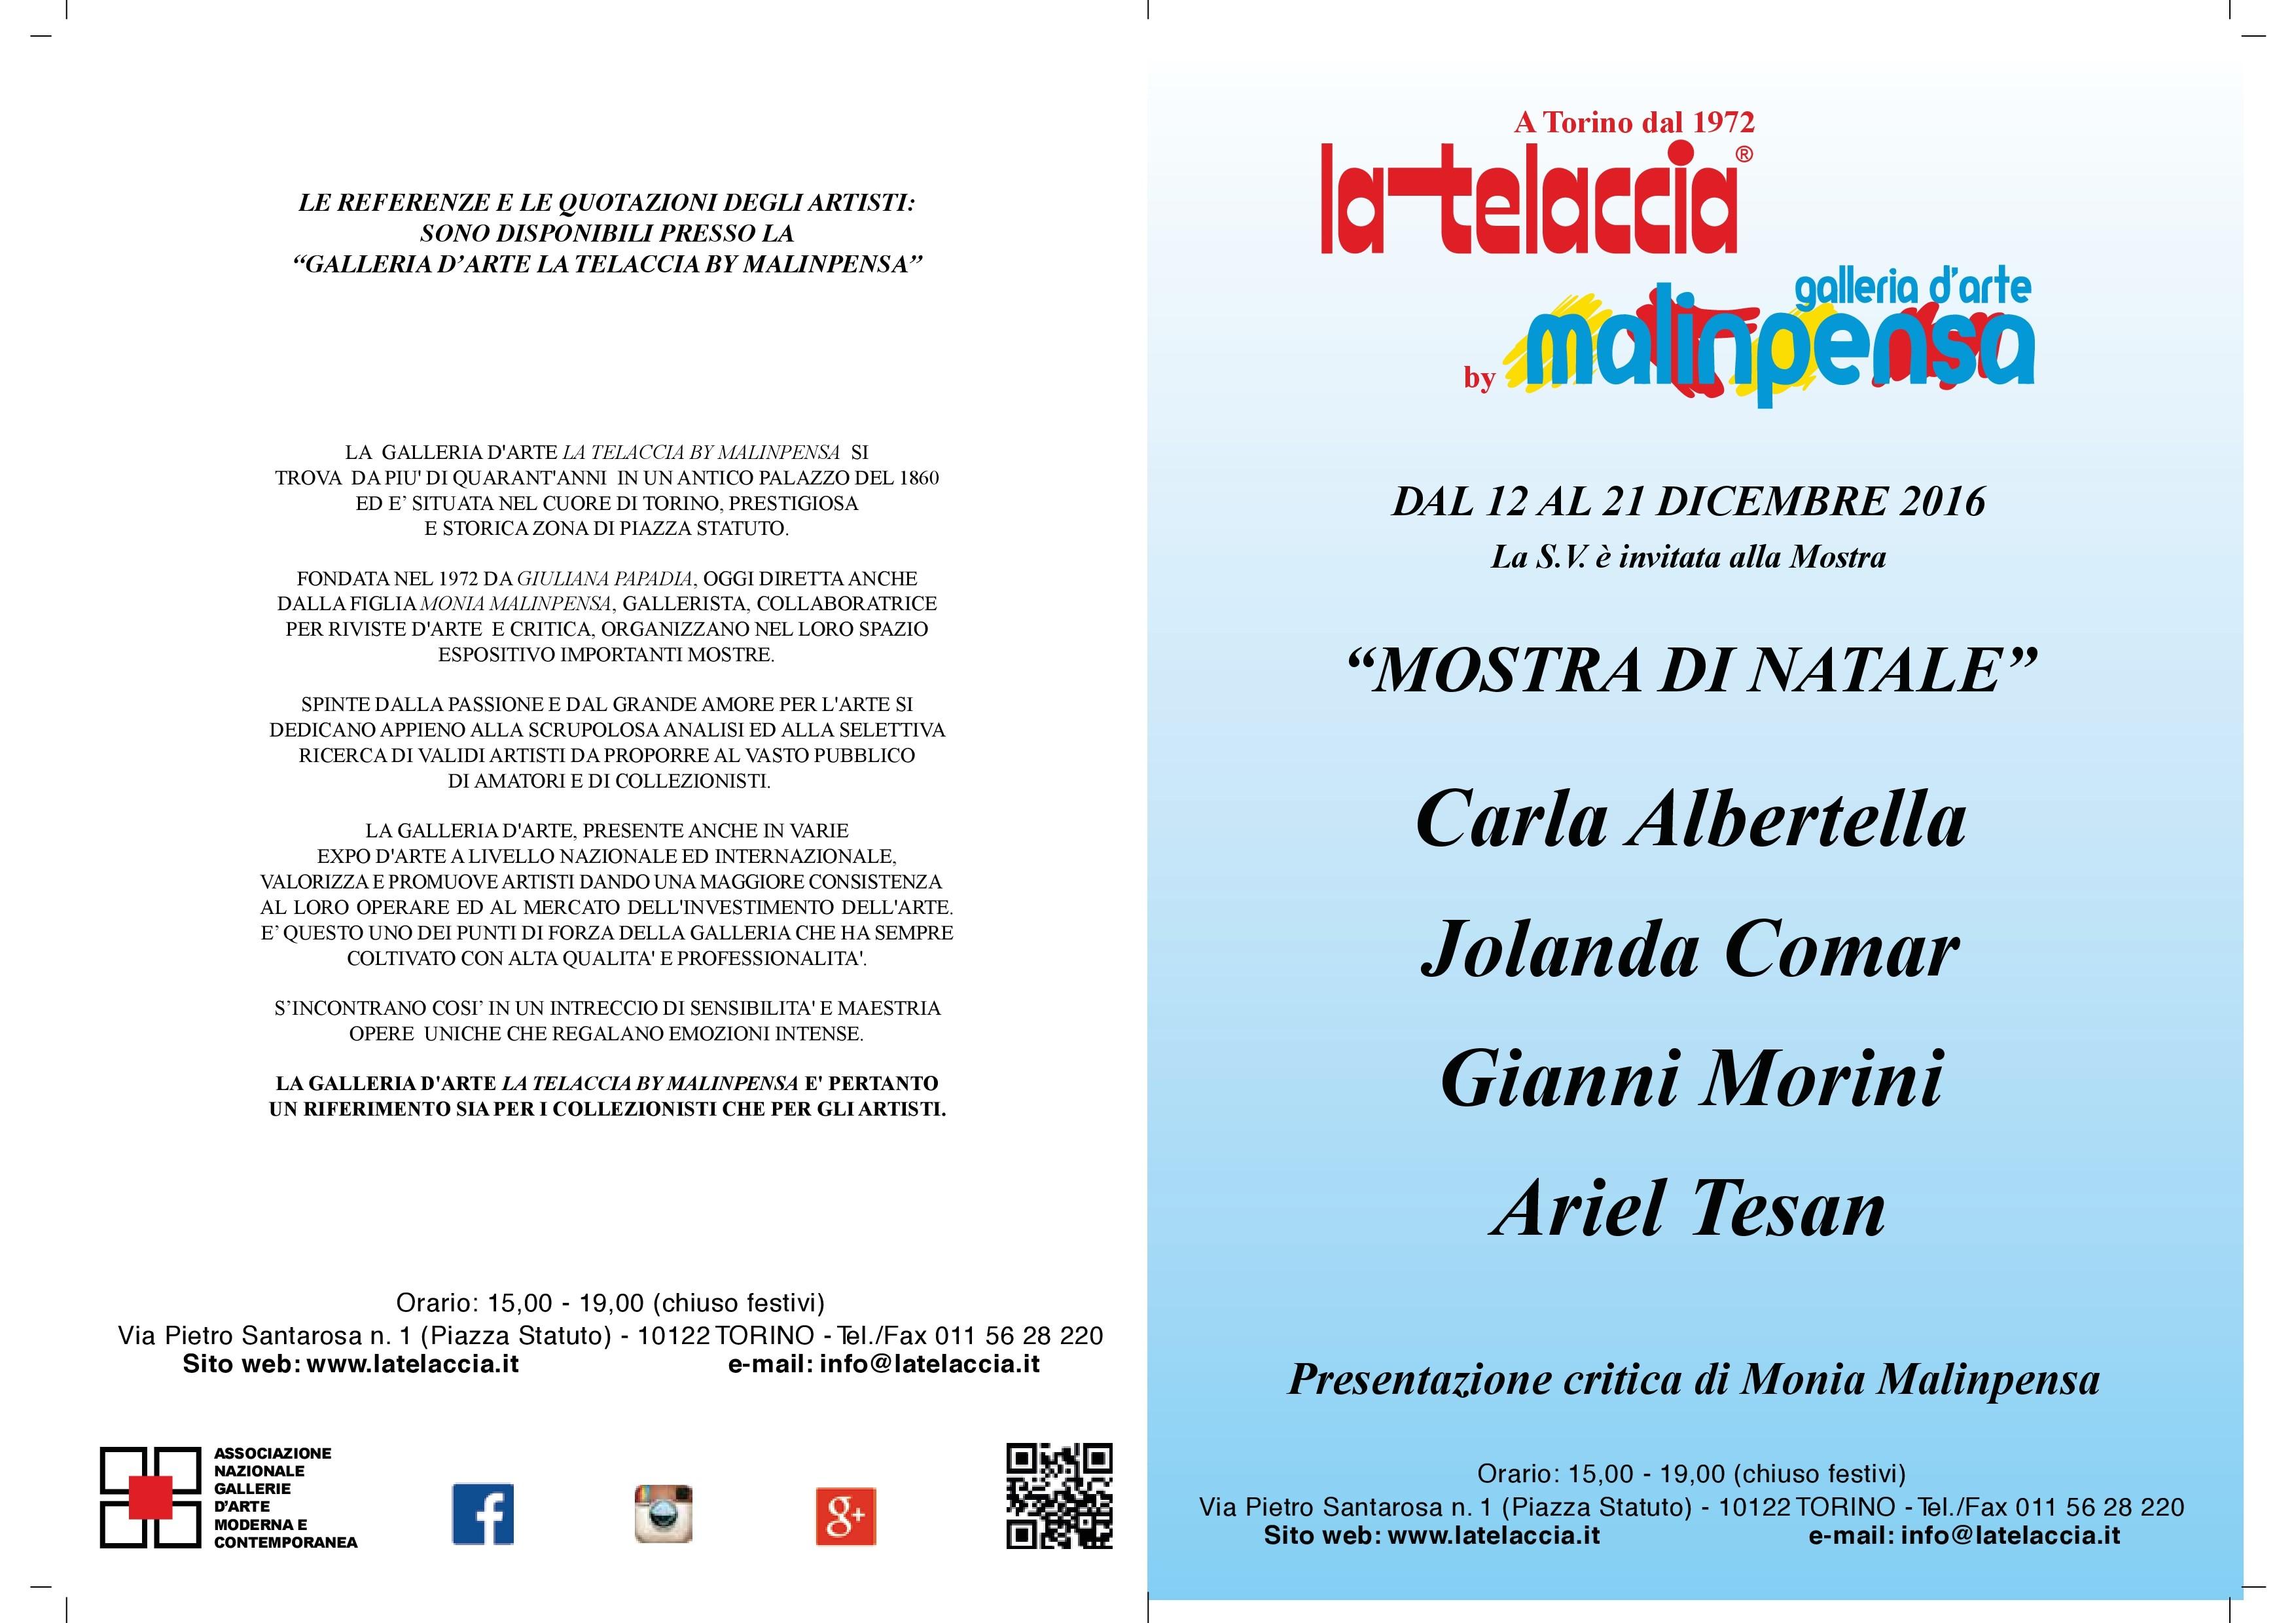 DEPLIANT MOSTRA D'ARTE DI NATALE DAL 12 AL 21 DICEMBRE 2016.jpg